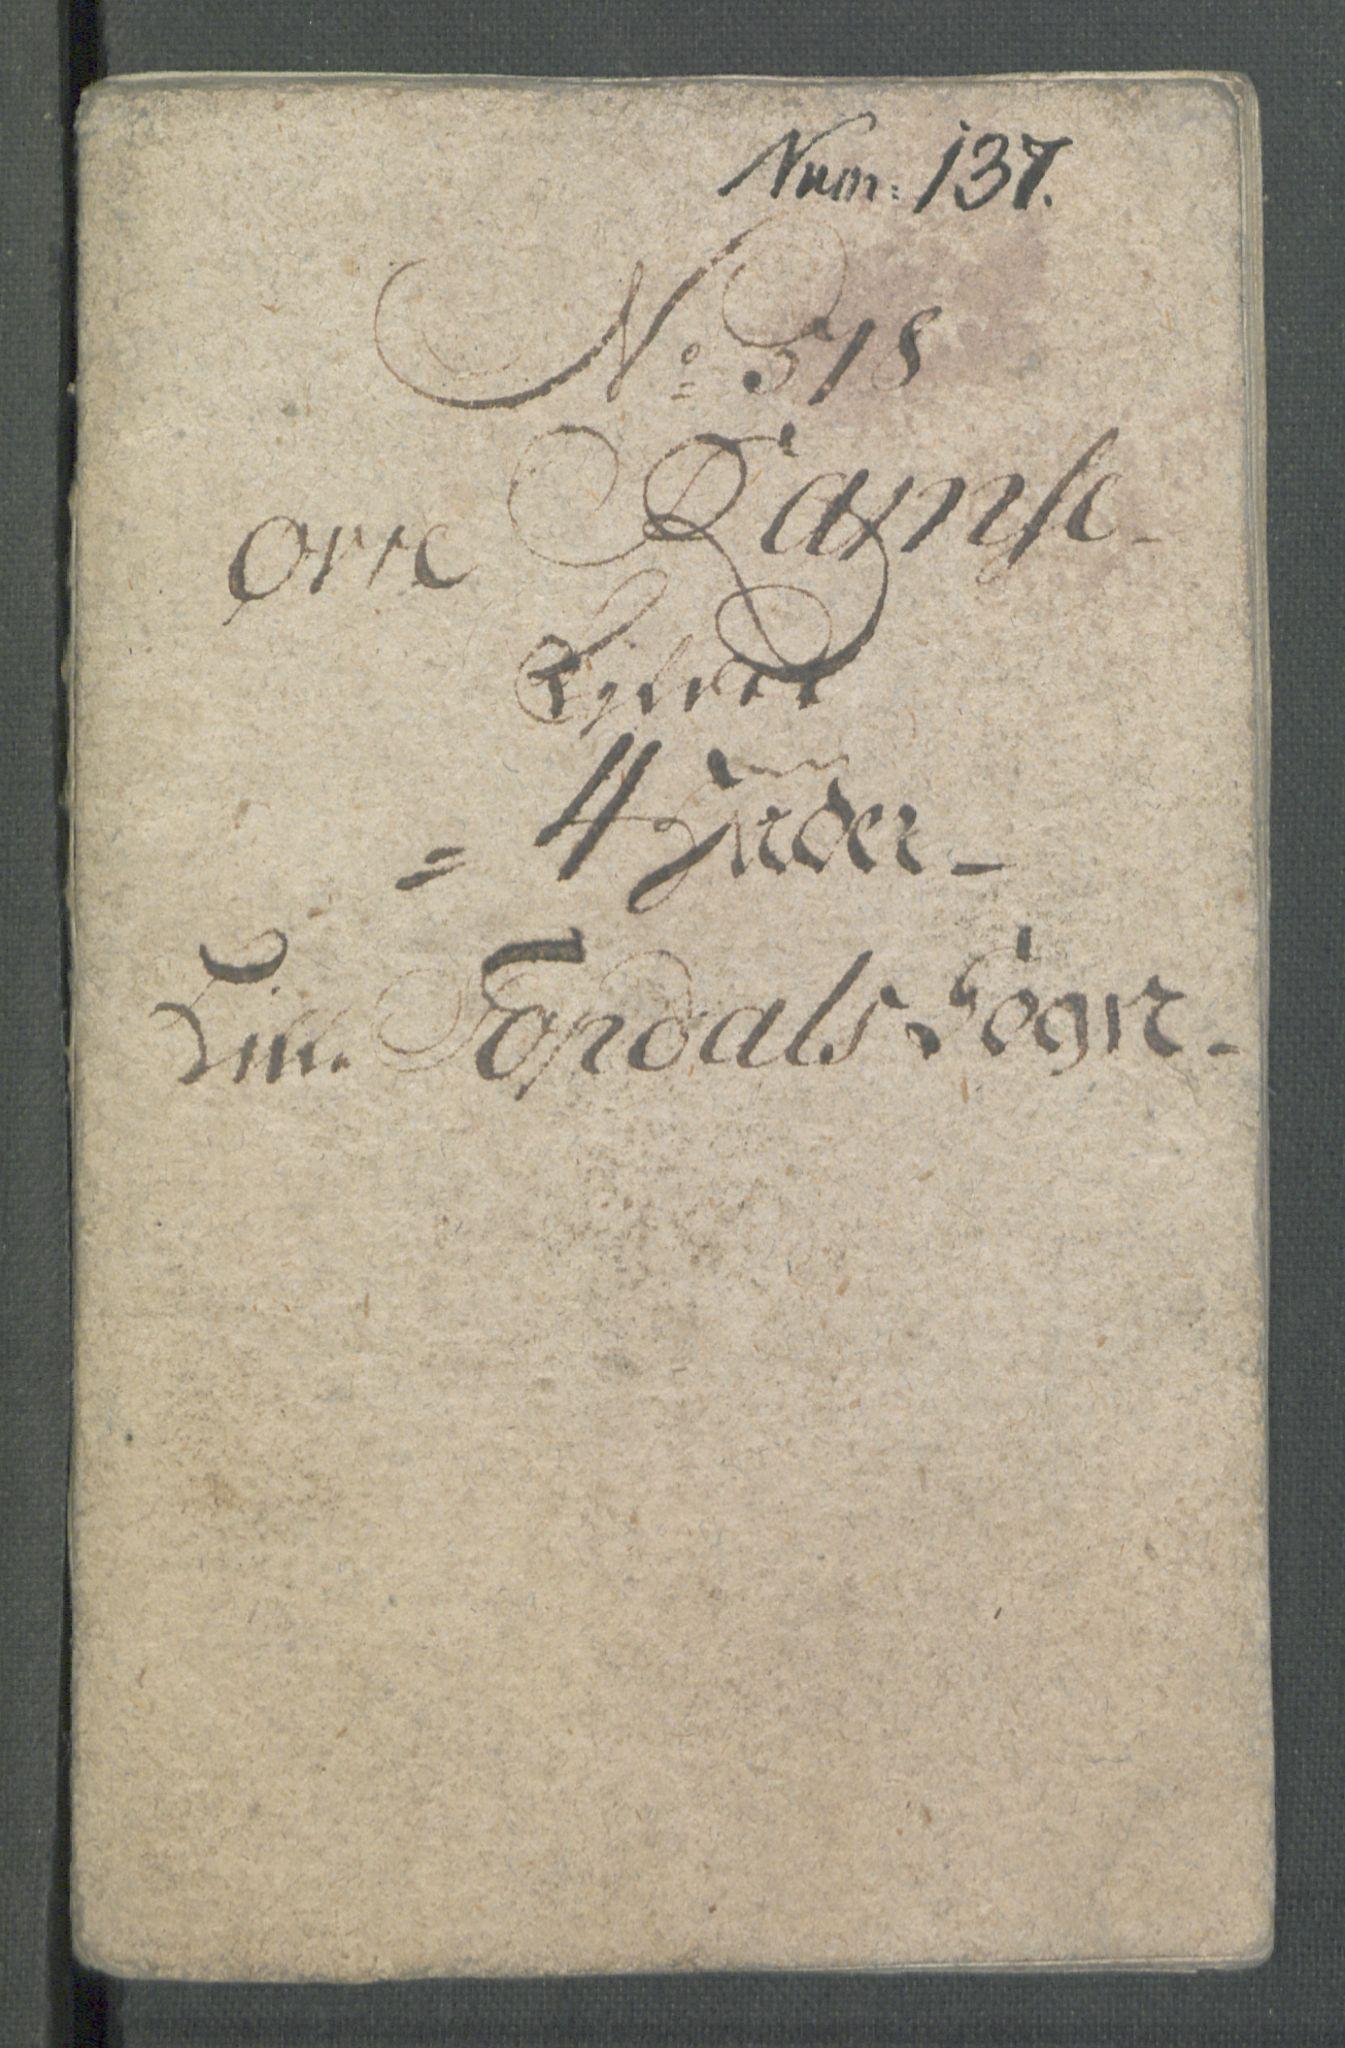 RA, Rentekammeret inntil 1814, Realistisk ordnet avdeling, Od/L0001: Oppløp, 1786-1769, s. 513